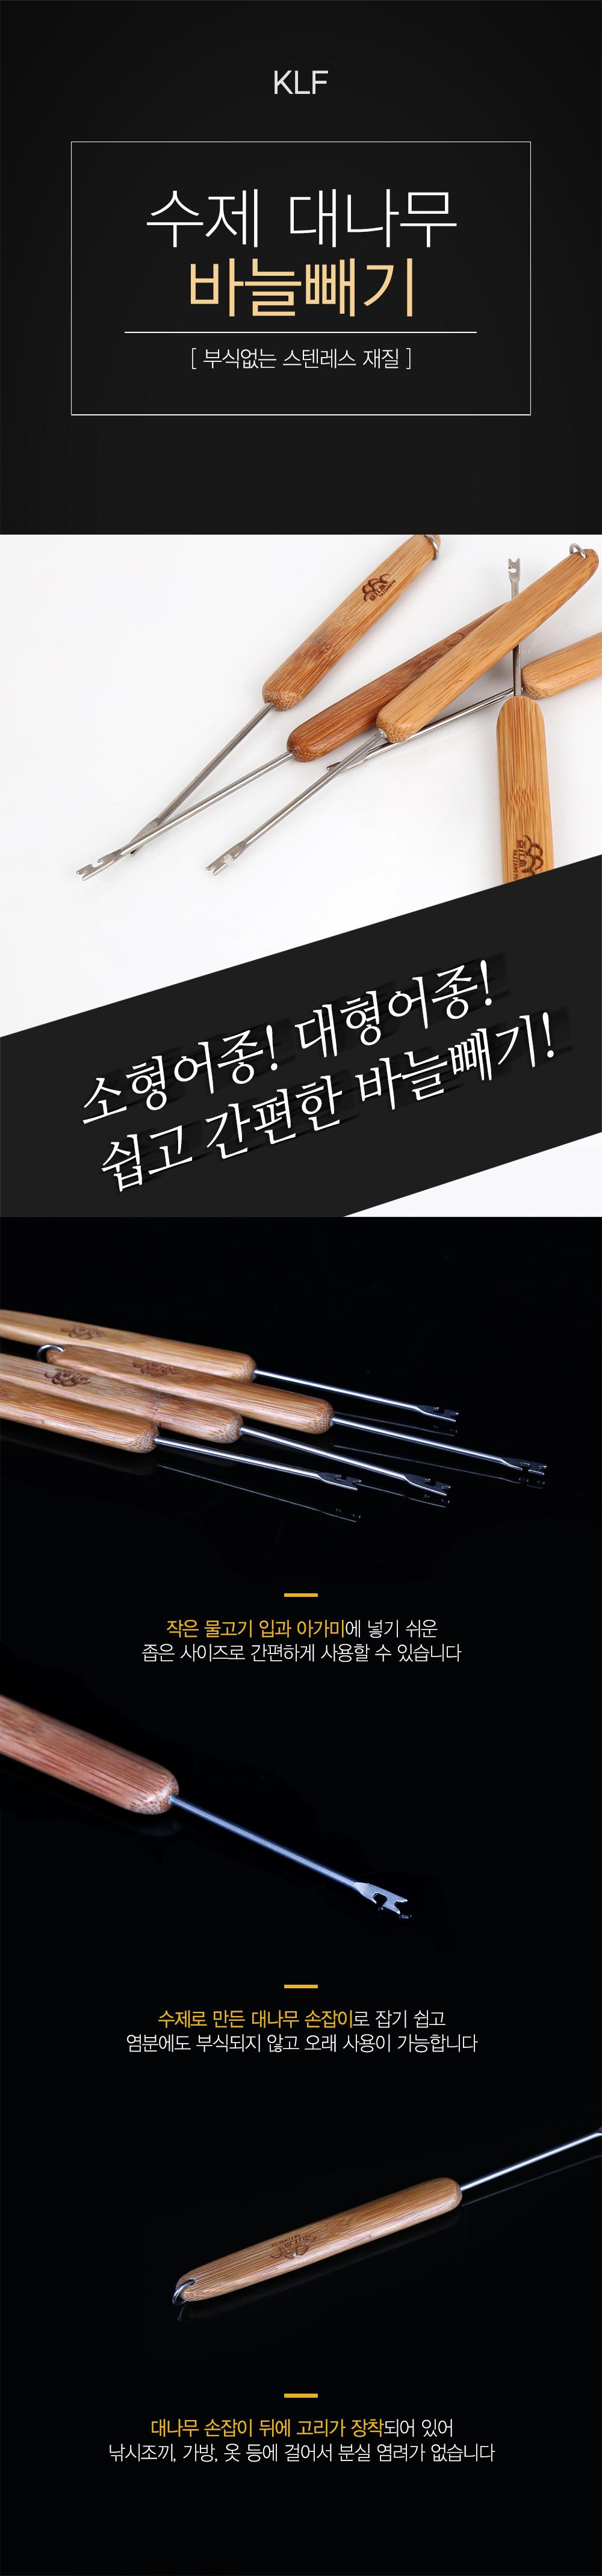 KLF 수제 대나무 바늘빼기 (부식없는 스텐레스 재질) 바늘빼기